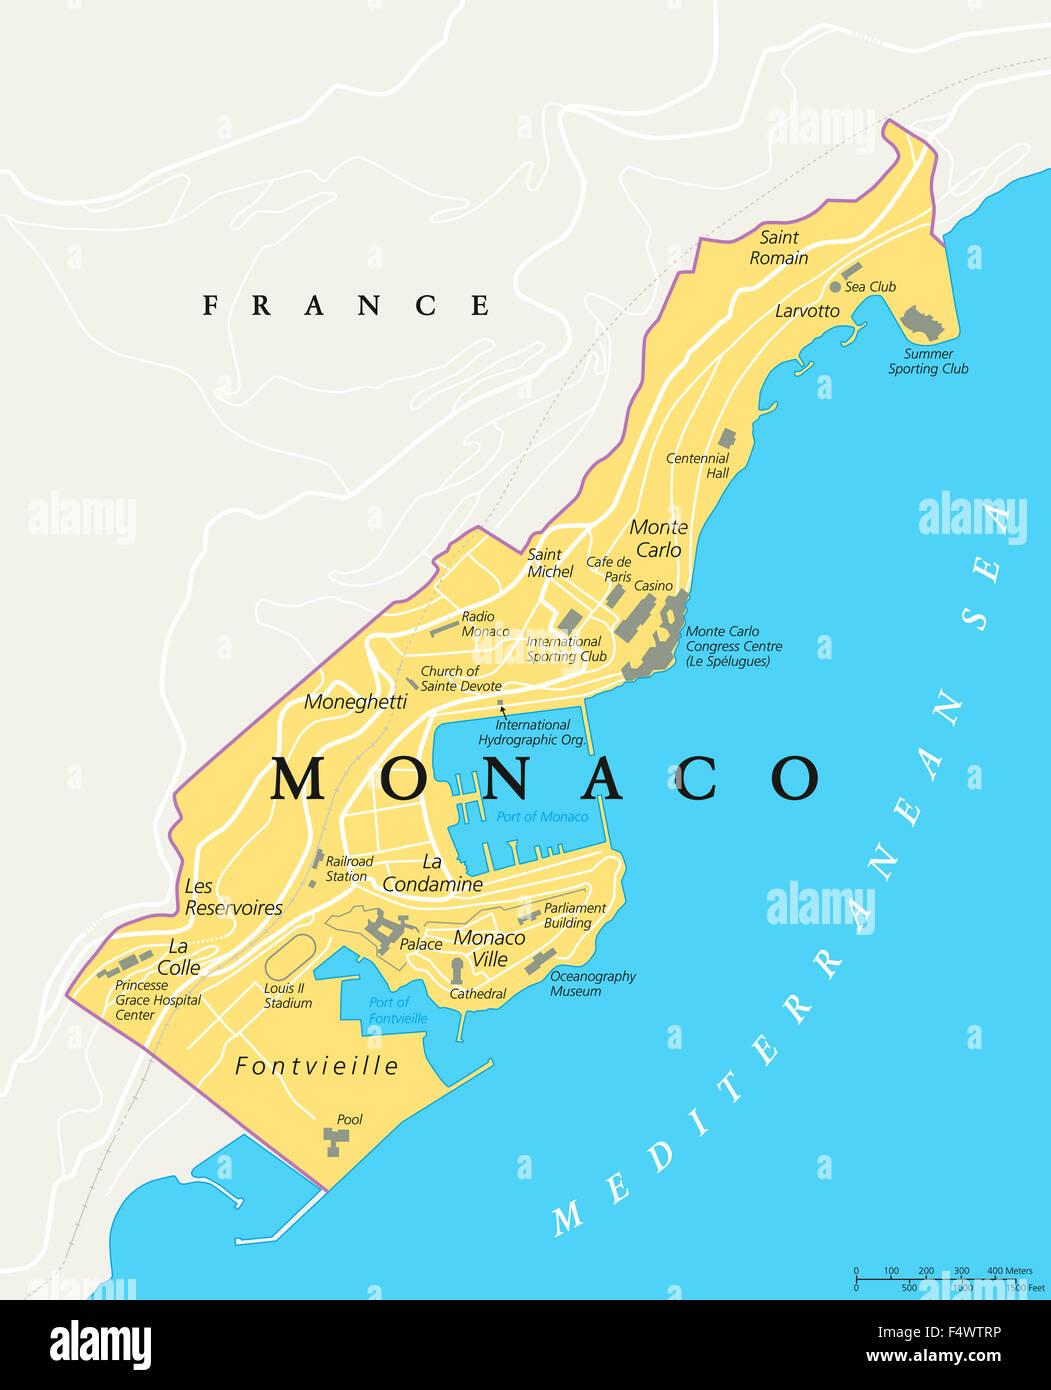 Francia Costa Azzurra Cartina Geografica.Monaco Mappa Politico Citta Stato In Sulla Costa Azzurra Francia Con Frontiere Nazionali Importanti Edifici E Luoghi Di Interesse Foto Stock Alamy